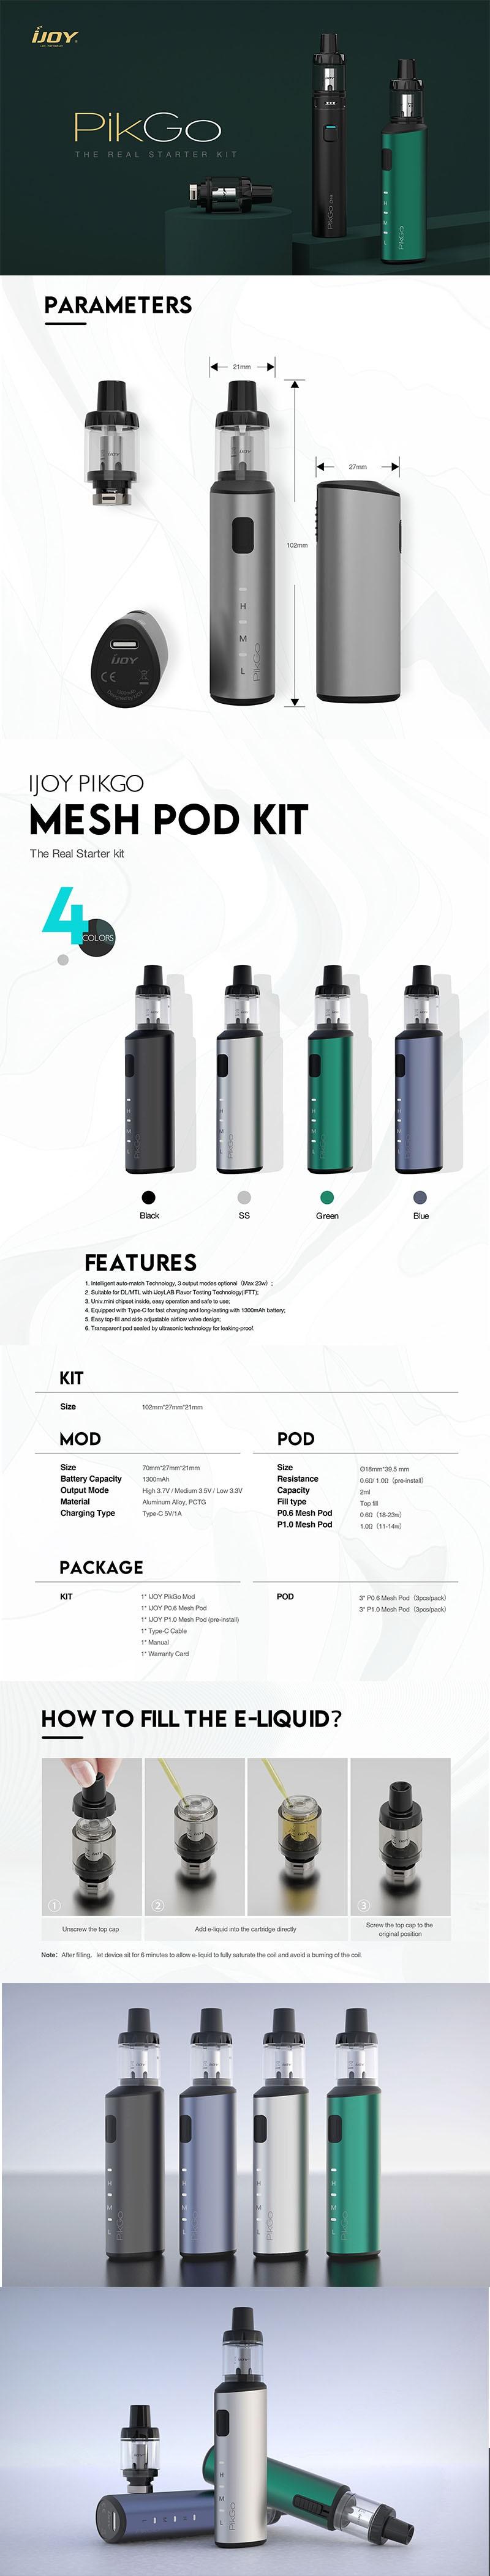 IJOY PikGo Pod Mod Vape Starter Kit